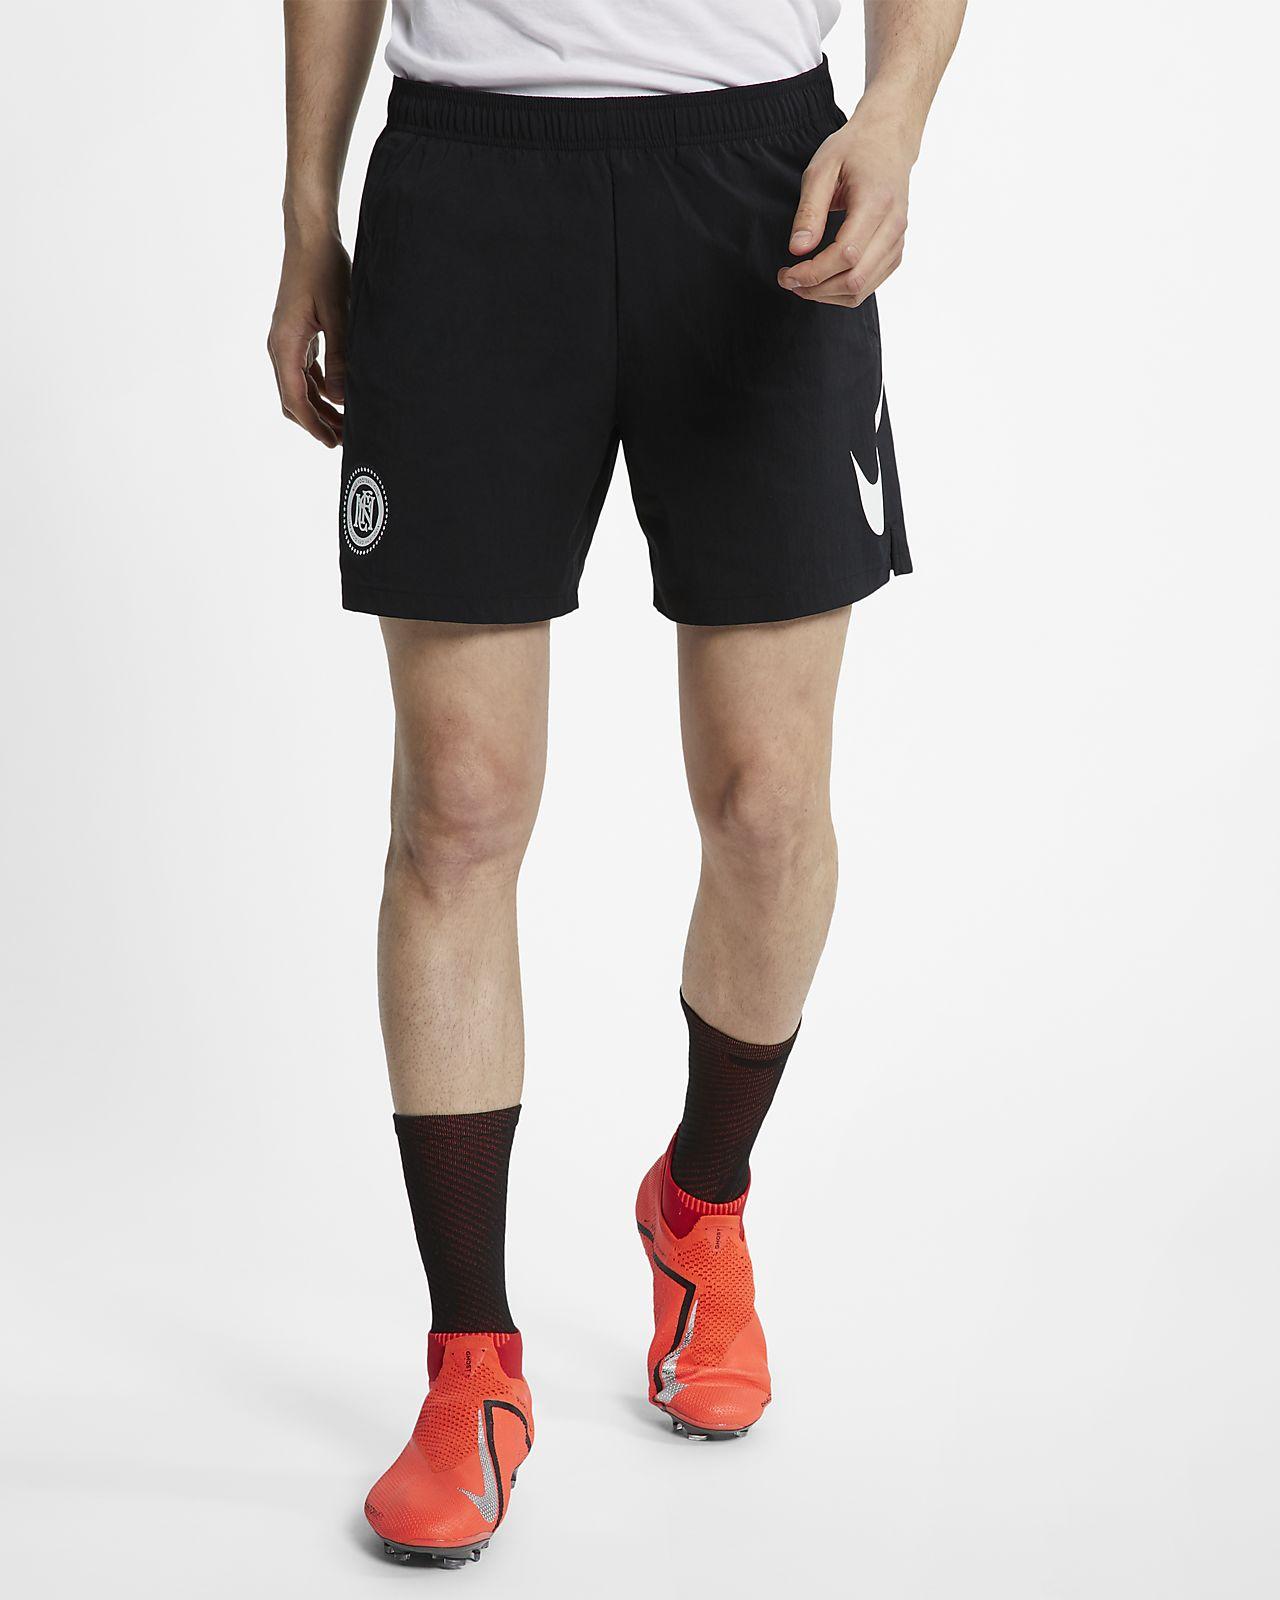 Nike F.C. Pantalons curts de futbol - Home